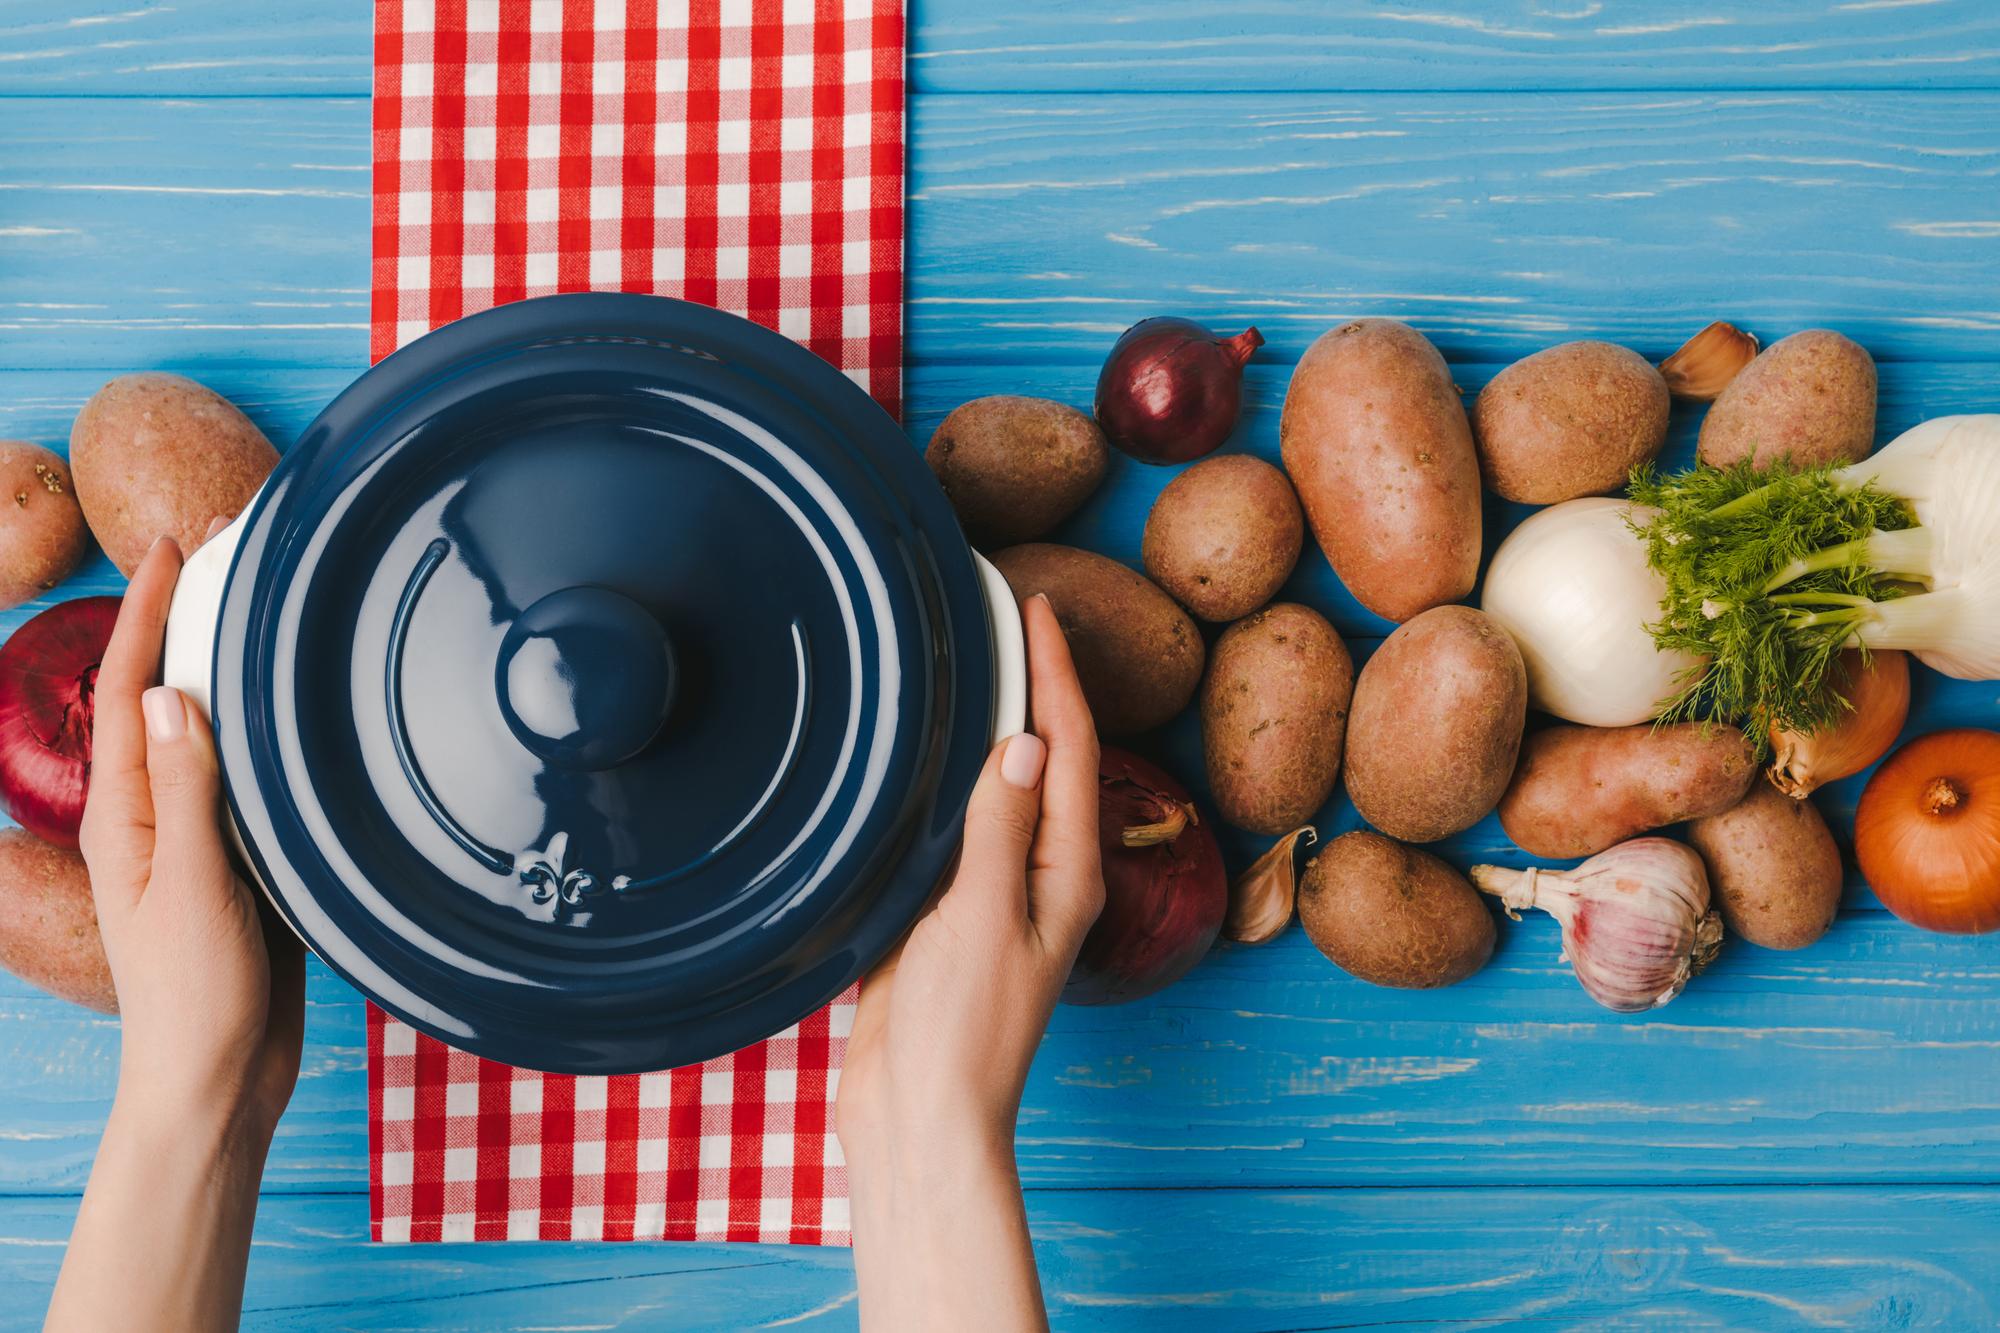 Полезные свойства картошки и как ее правильно готовить: советы Супрун